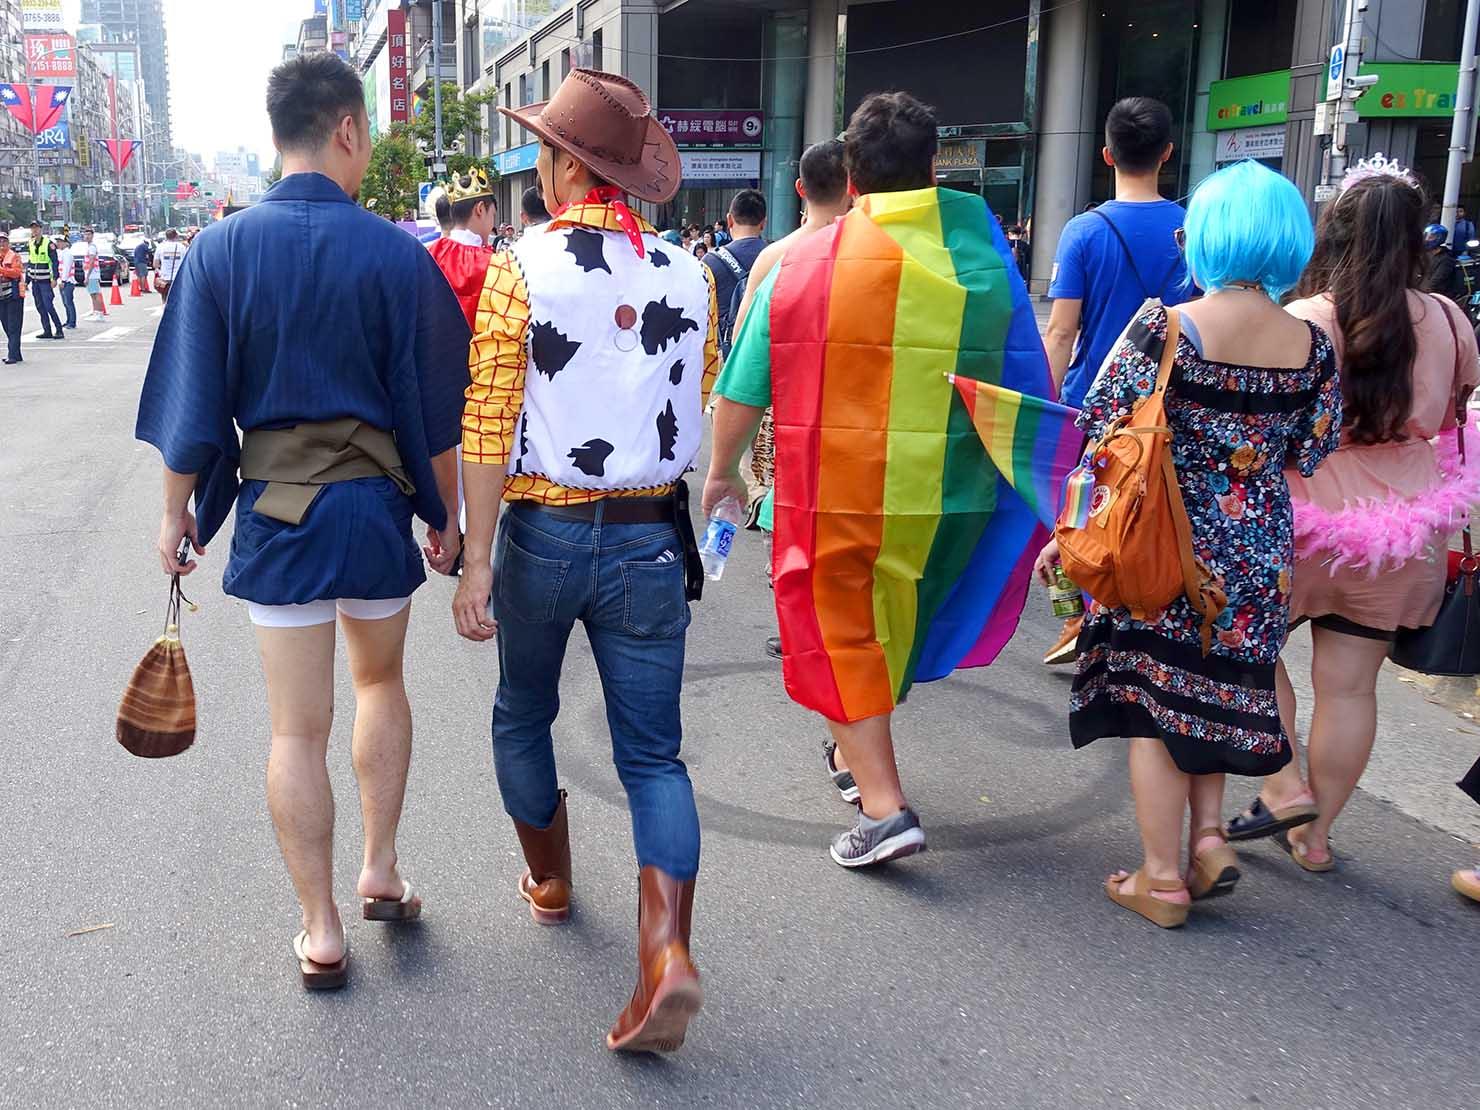 台灣同志遊行(台湾LGBTプライド)2019のパレードでキャラクターにコスプレする参加者